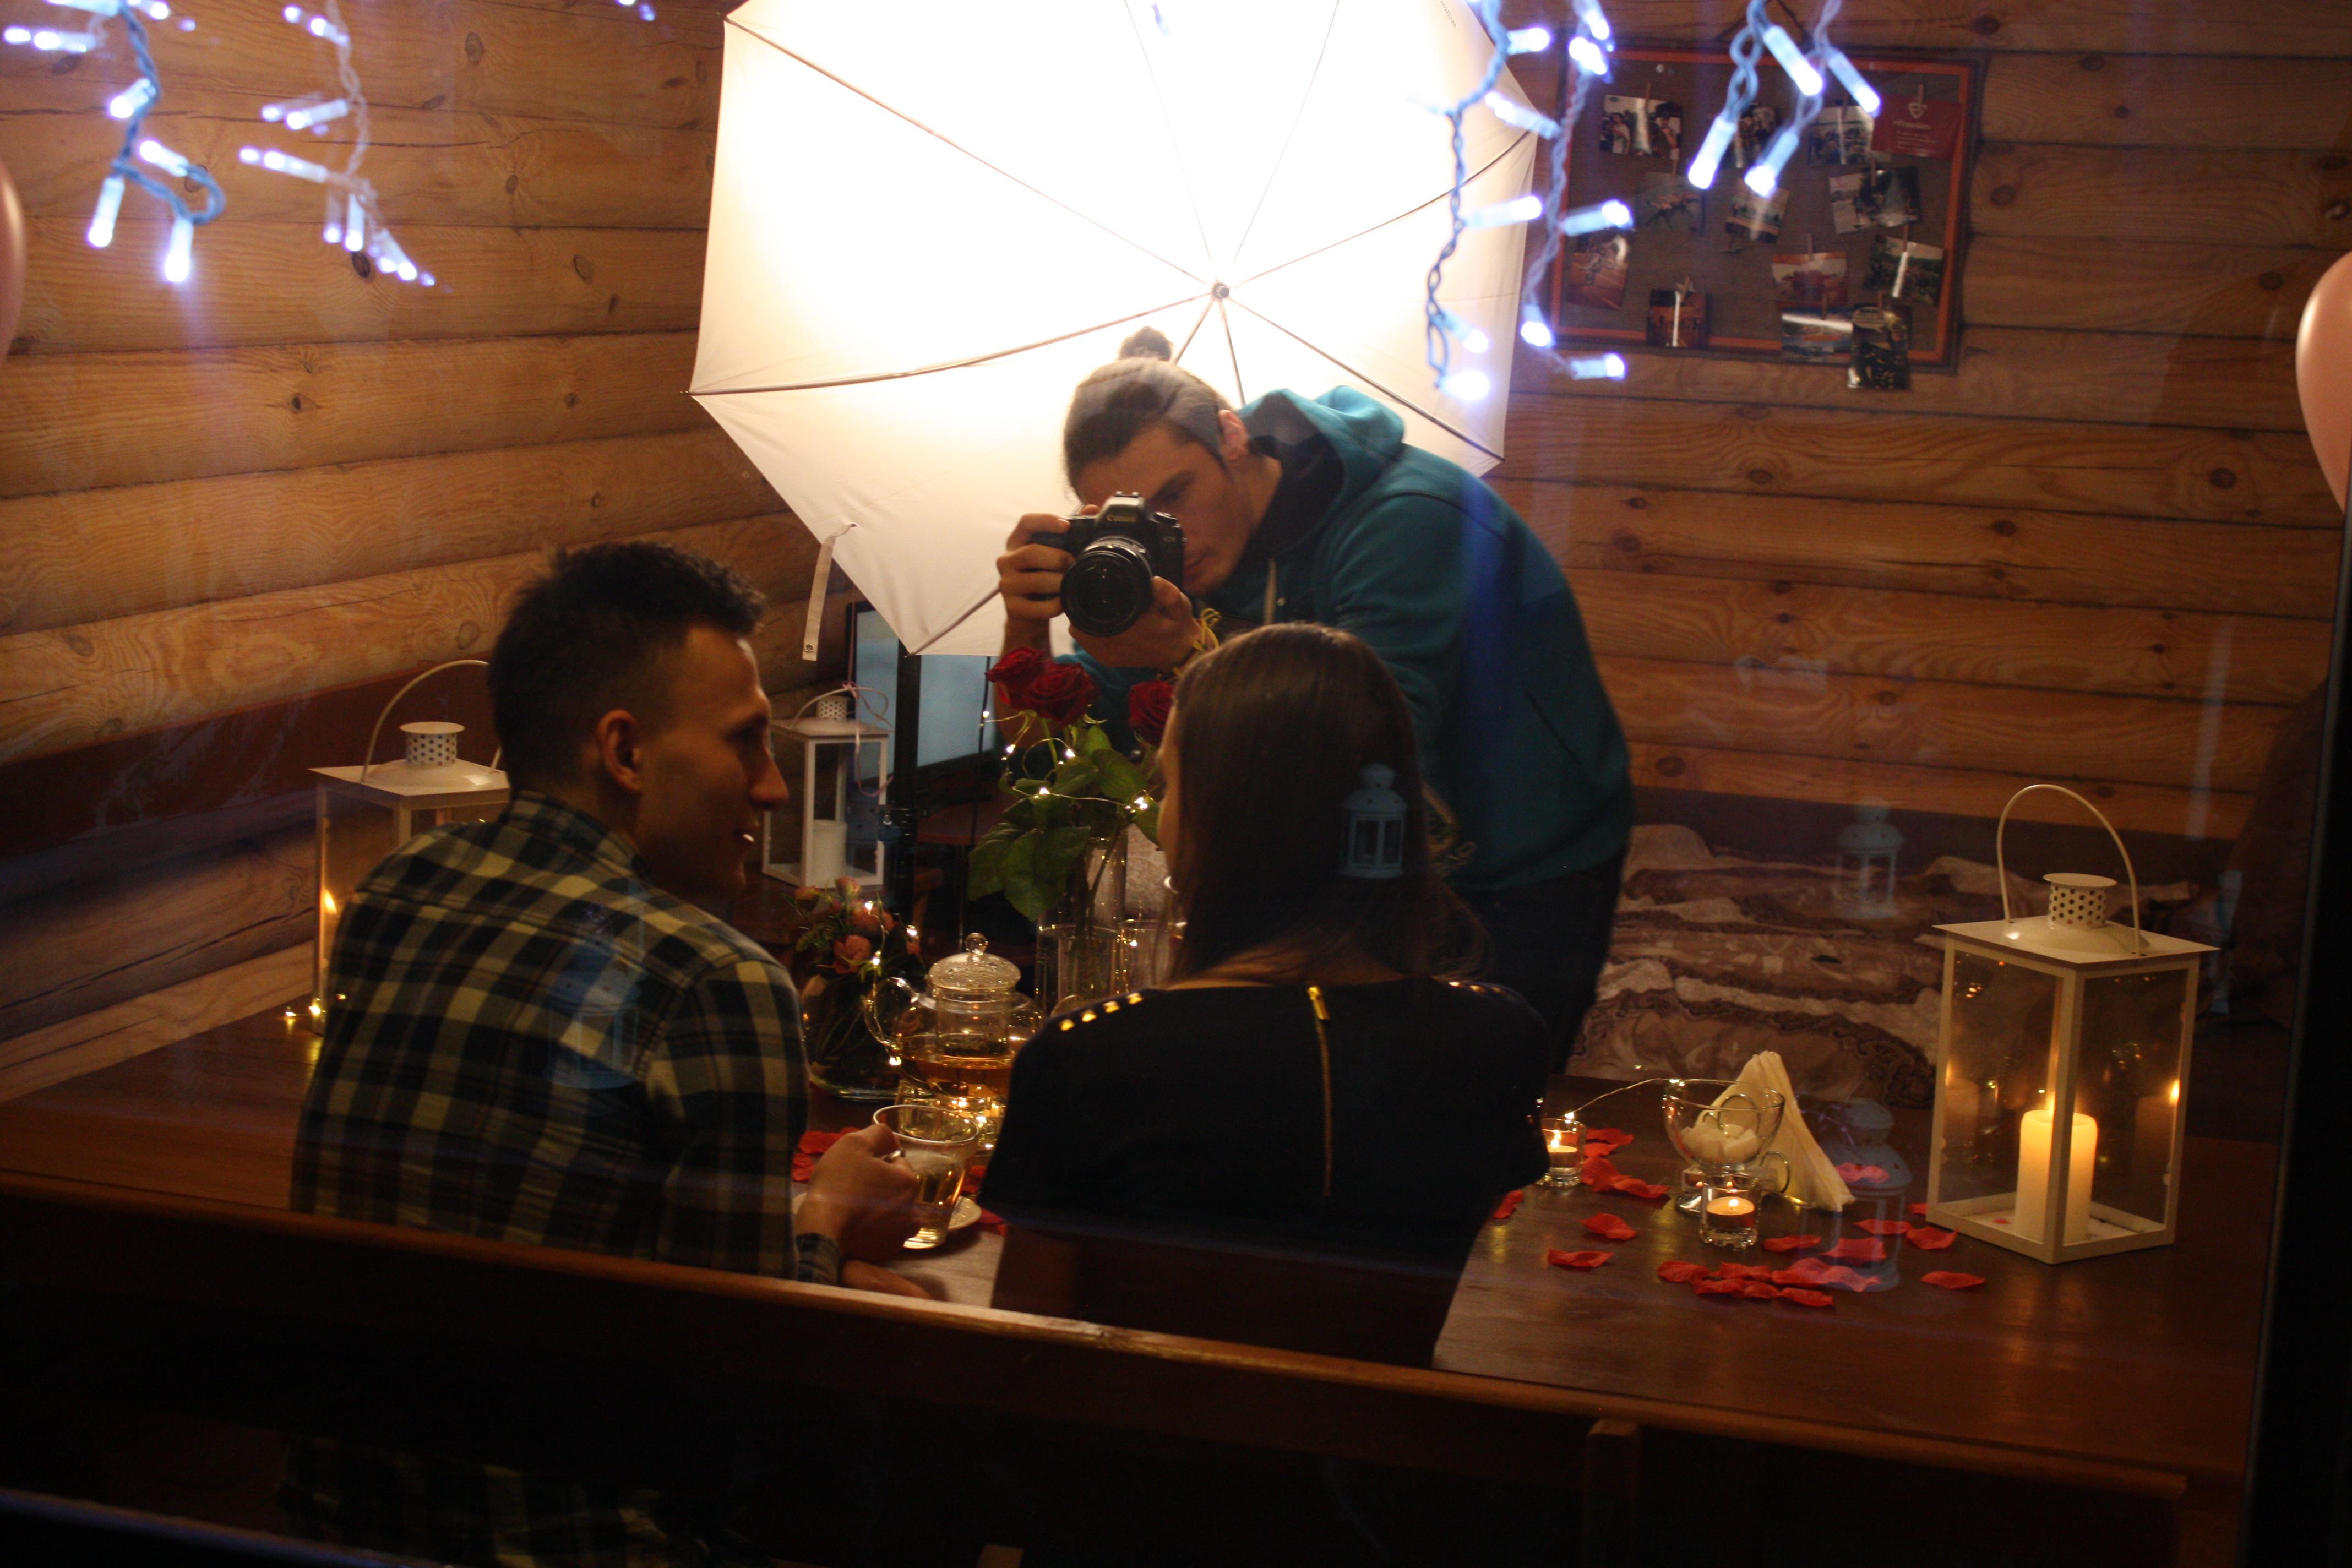 Романтический ужин в горячем чане Афродиты под открытым небом от сервиса романтики Альтечо (26)